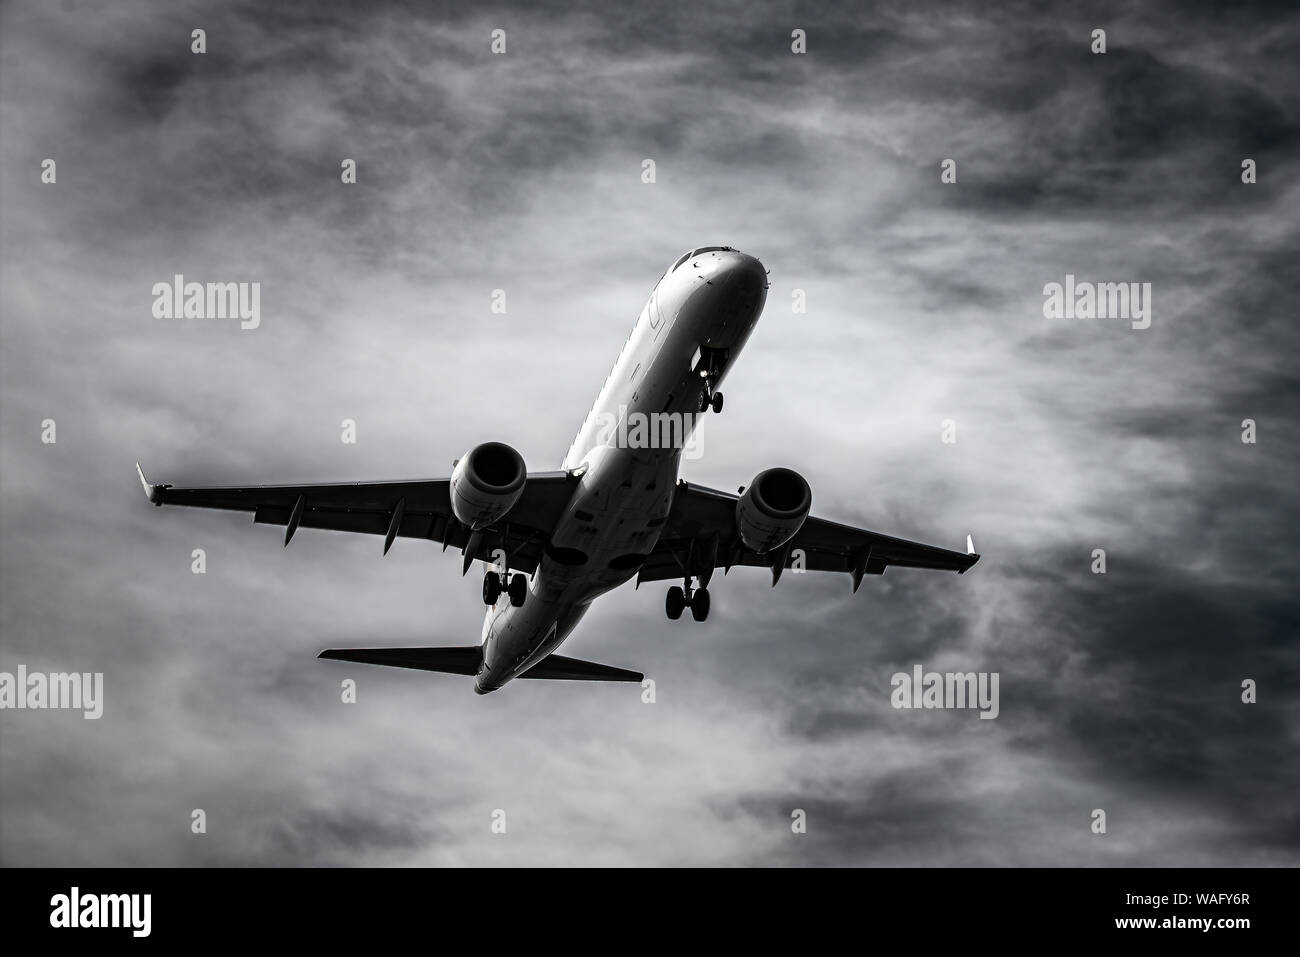 Flugzeug Landung vor dramatischen Himmel in Schwarz und Weiß Stockfoto